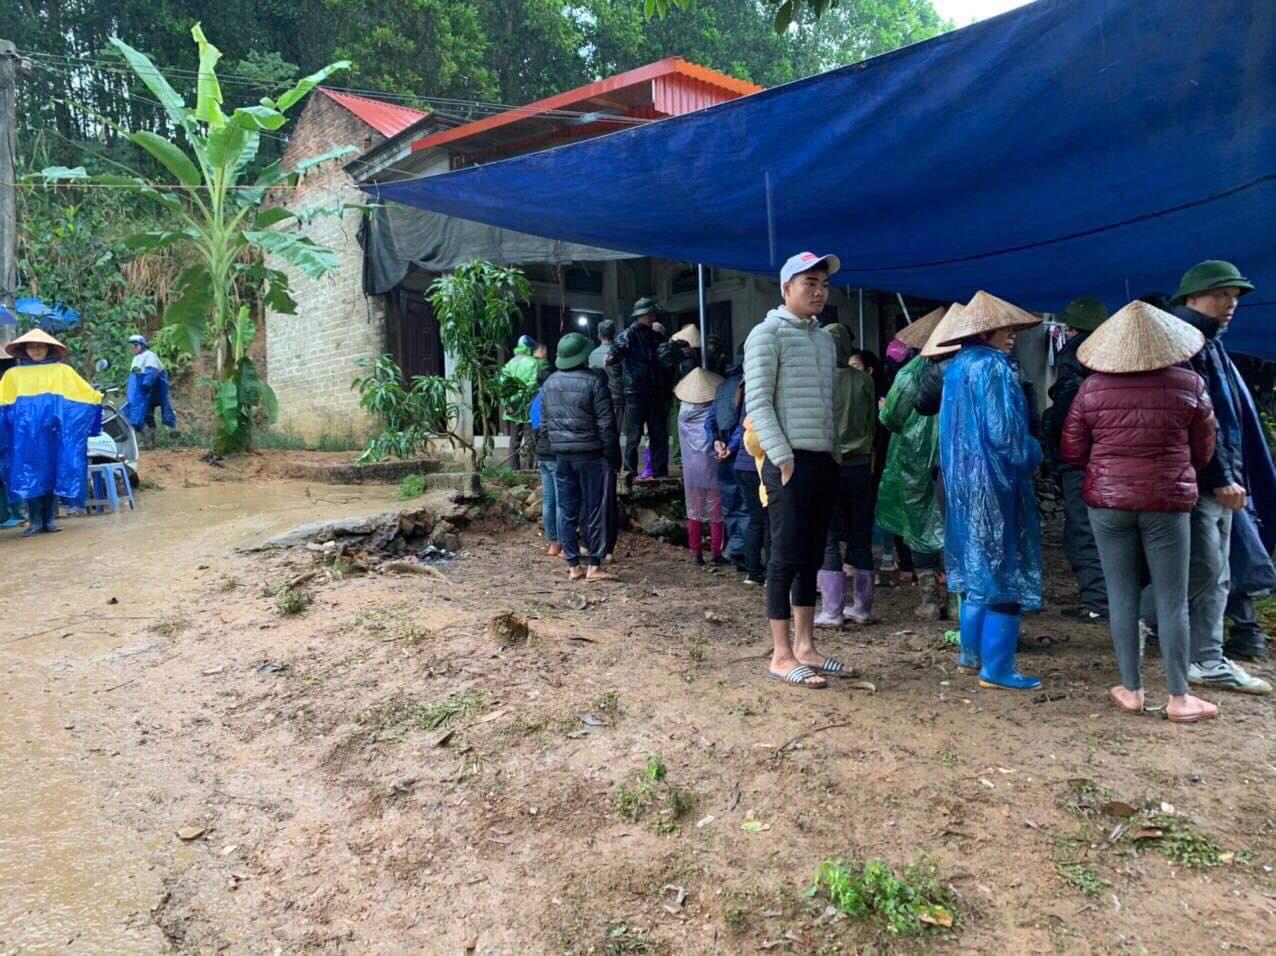 Vụ 3 bố con tử vong trên giường ở Phú Thọ: Mẹ của người bố cũng tự tử - Ảnh 1.